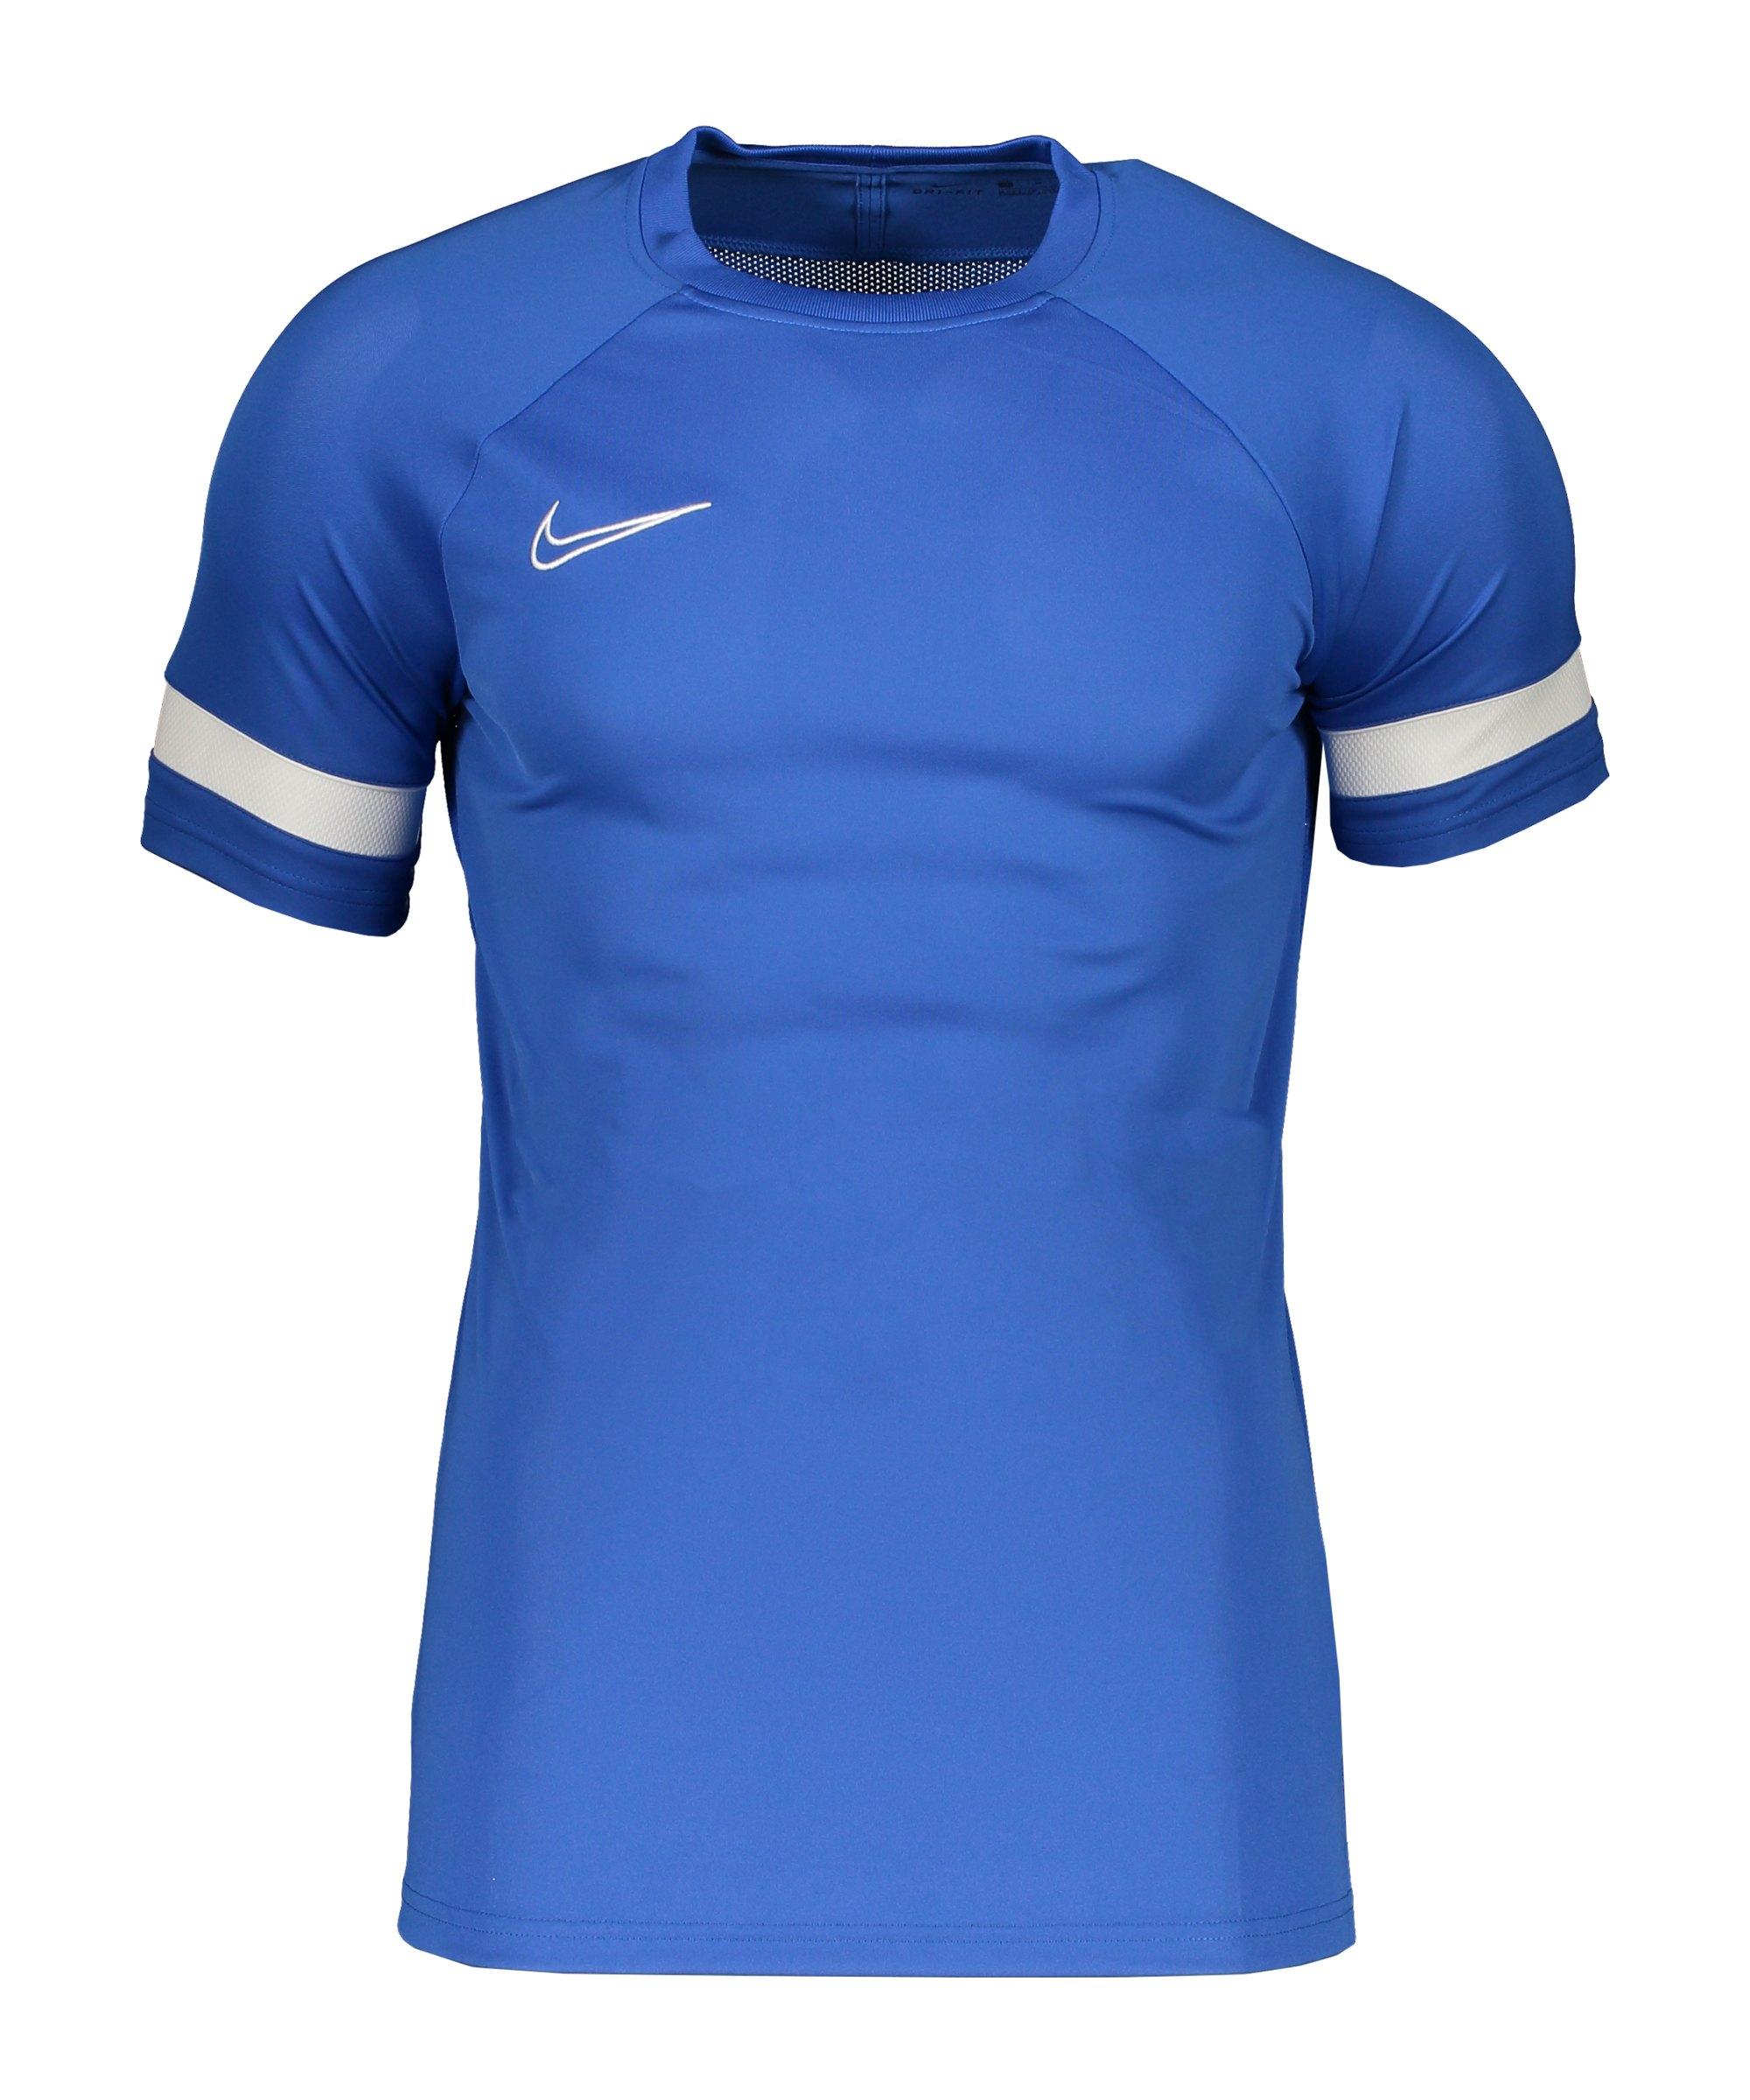 Nike Academy 21 T-Shirt Blau Weiss F480 - blau